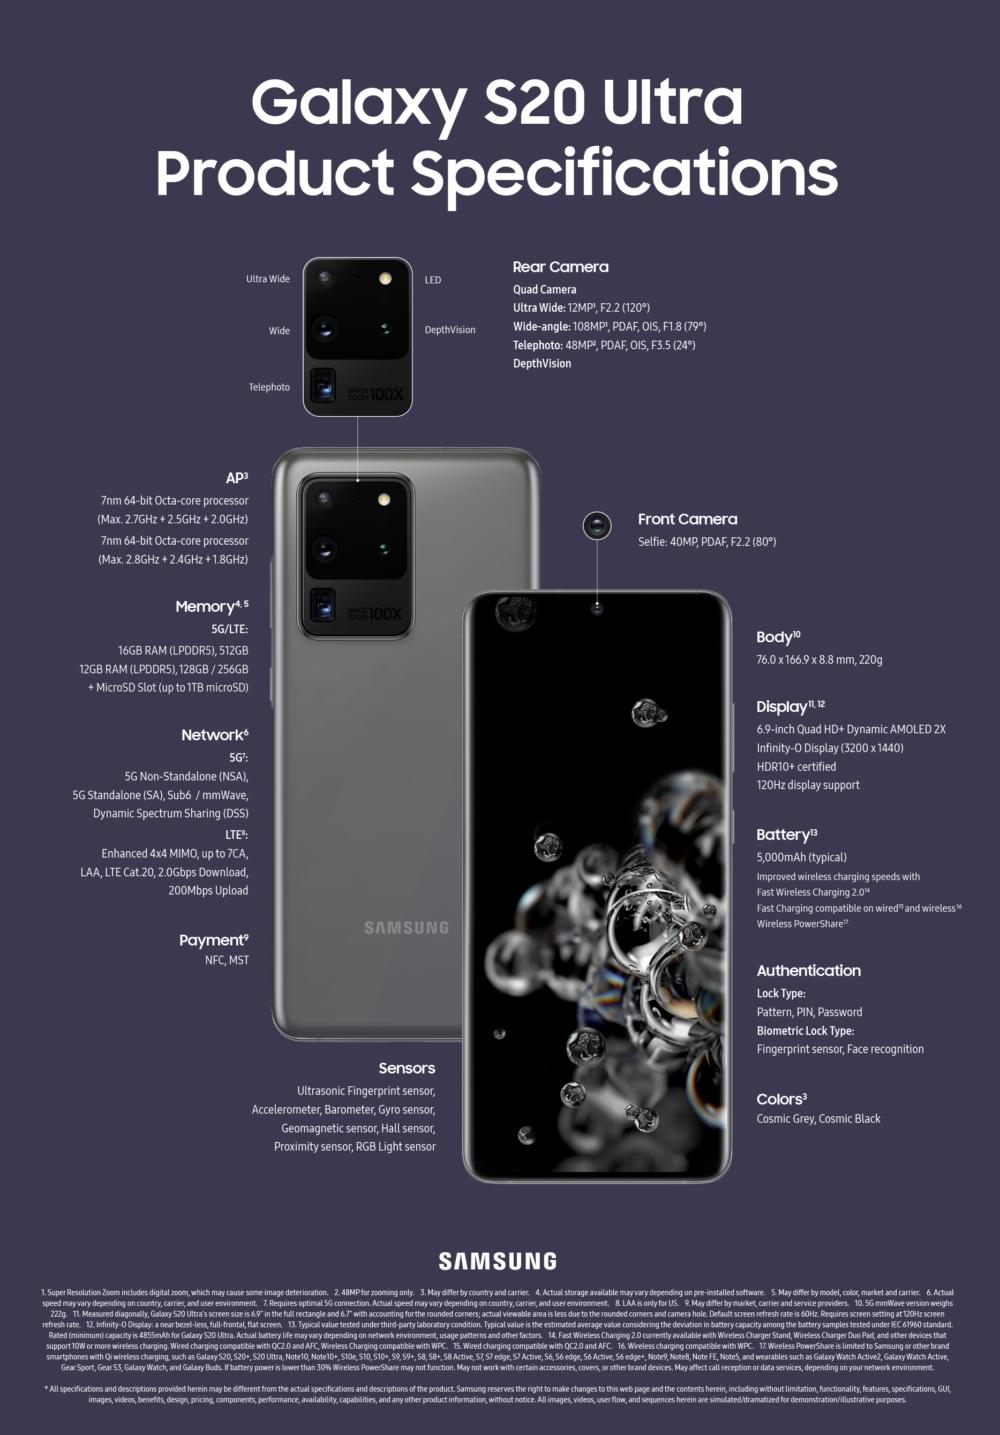 Samsung Galaxy S20 系列亮相:诚意满满的升级,开启 Galaxy 手机新篇章 23